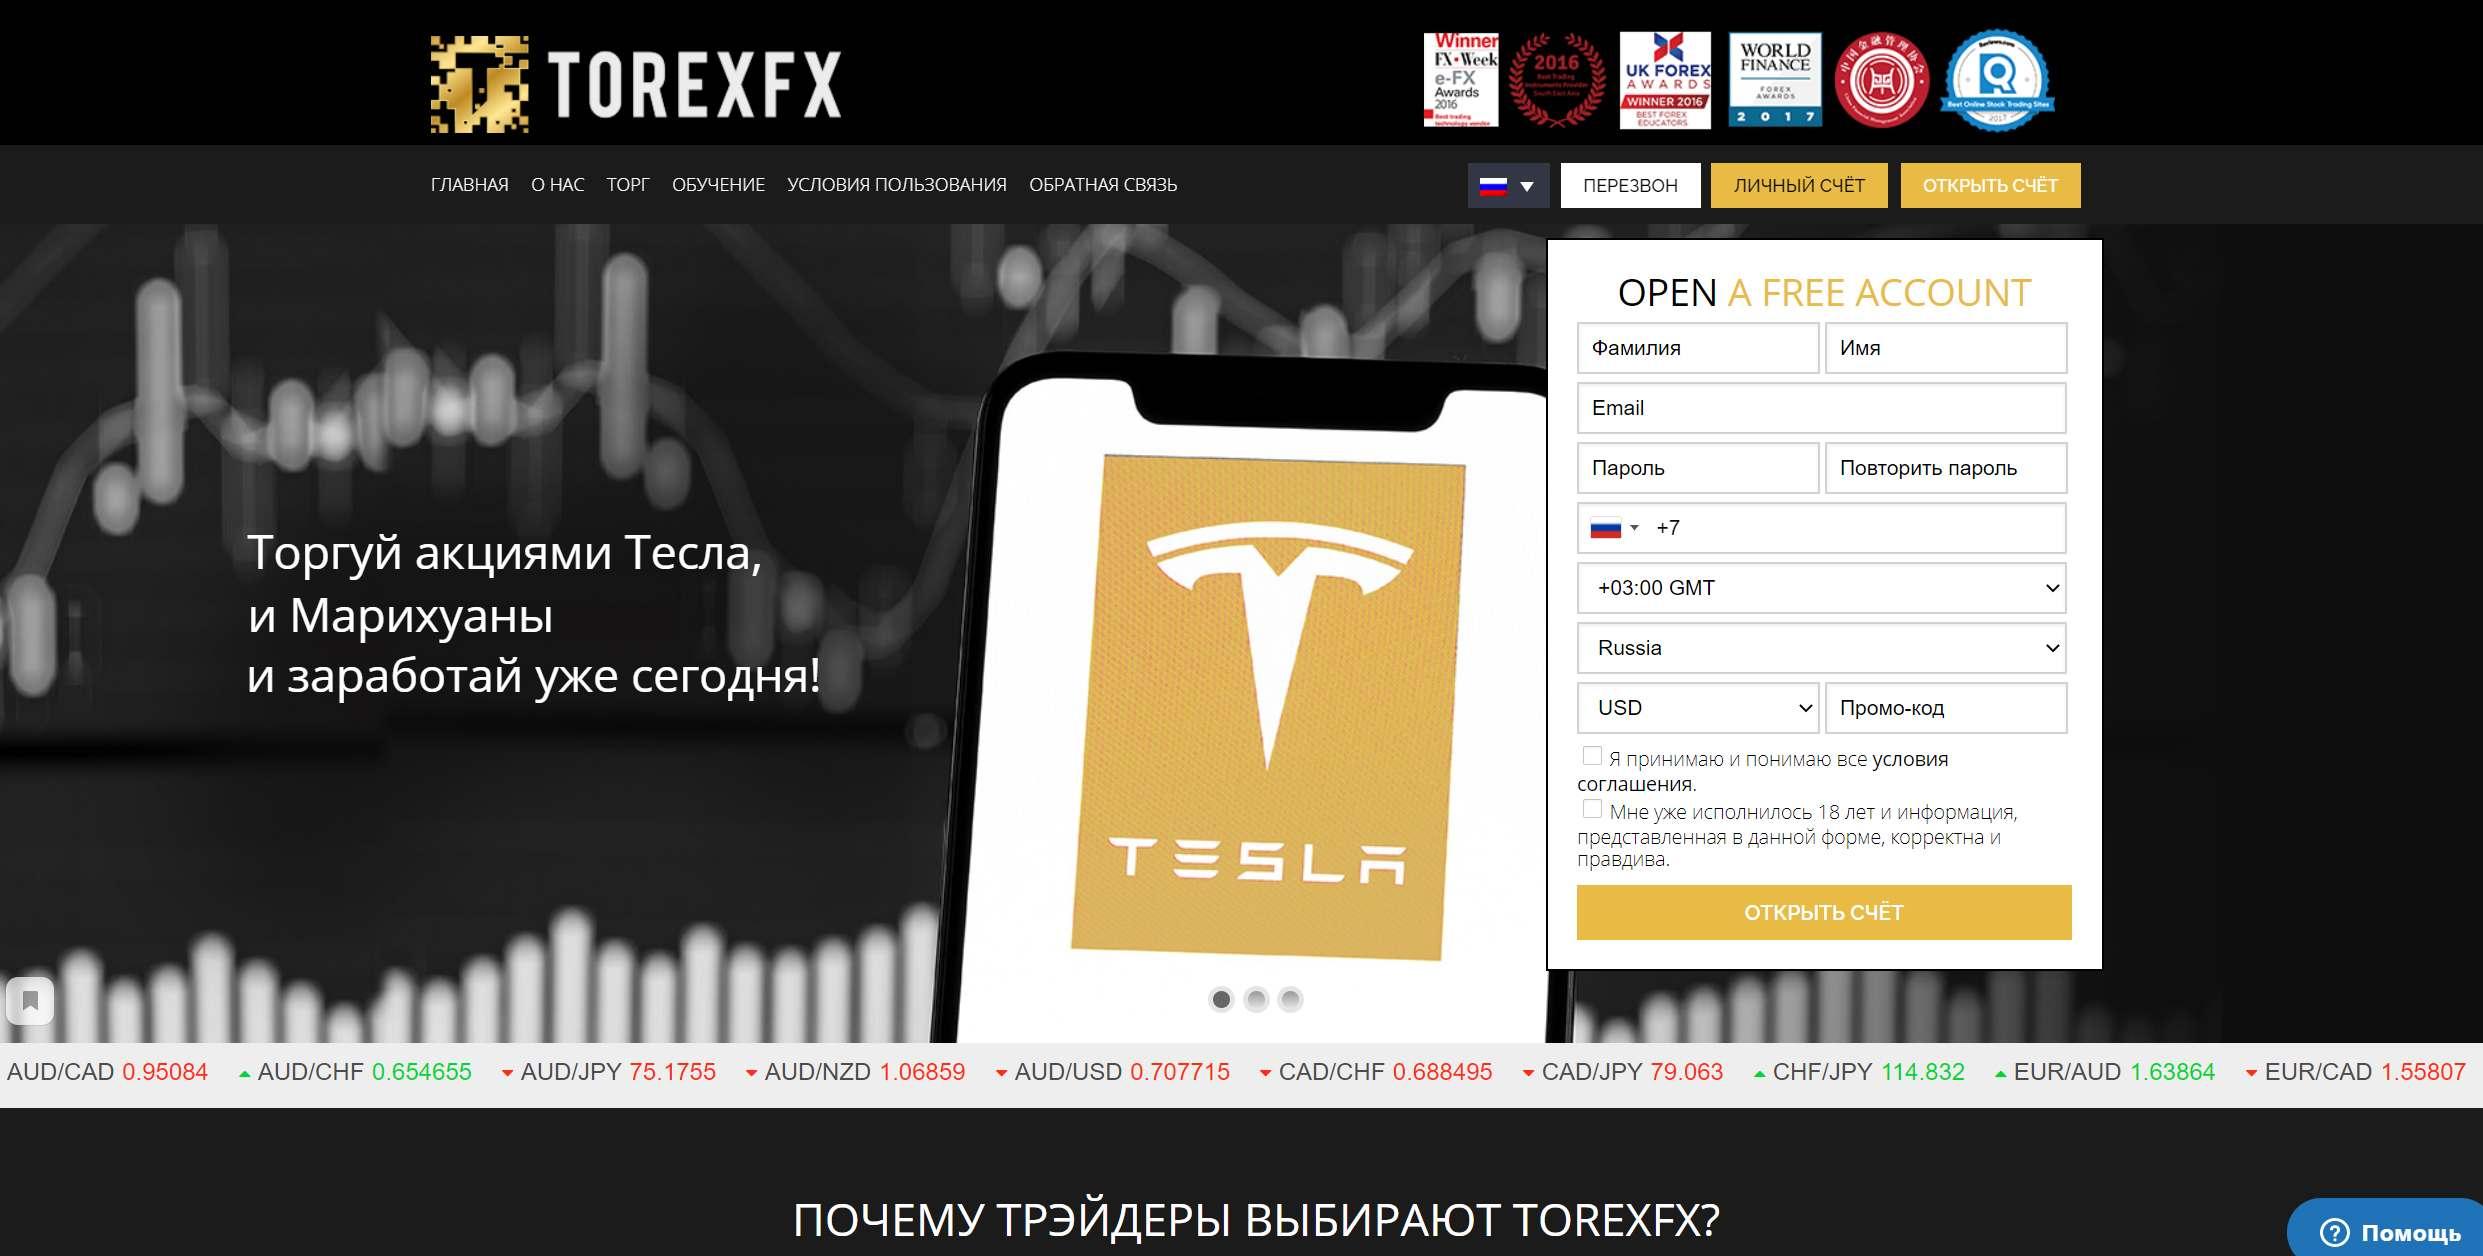 Псевдоброкер TorexFX - обзор и отзывы на мутный проект.